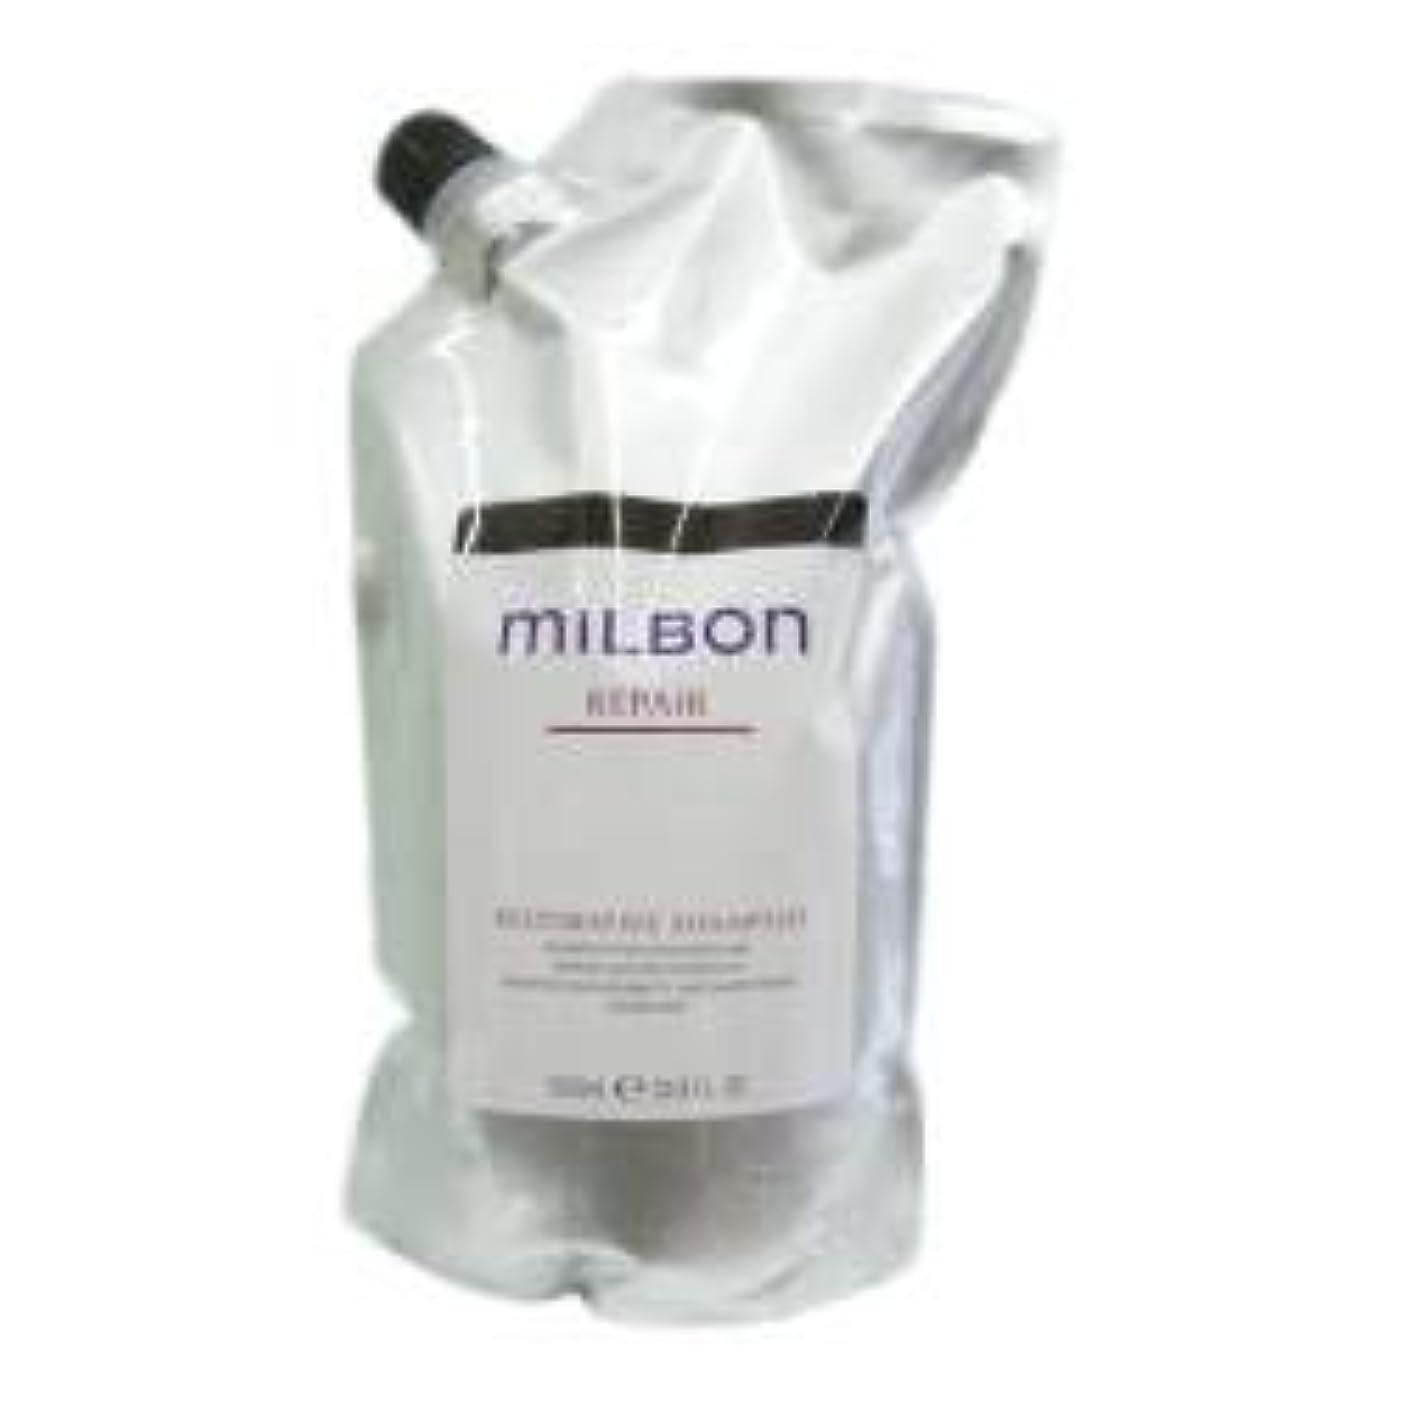 フレア染料以降ミルボン リストラティブ シャンプー<つめかえ用>(1000ml)